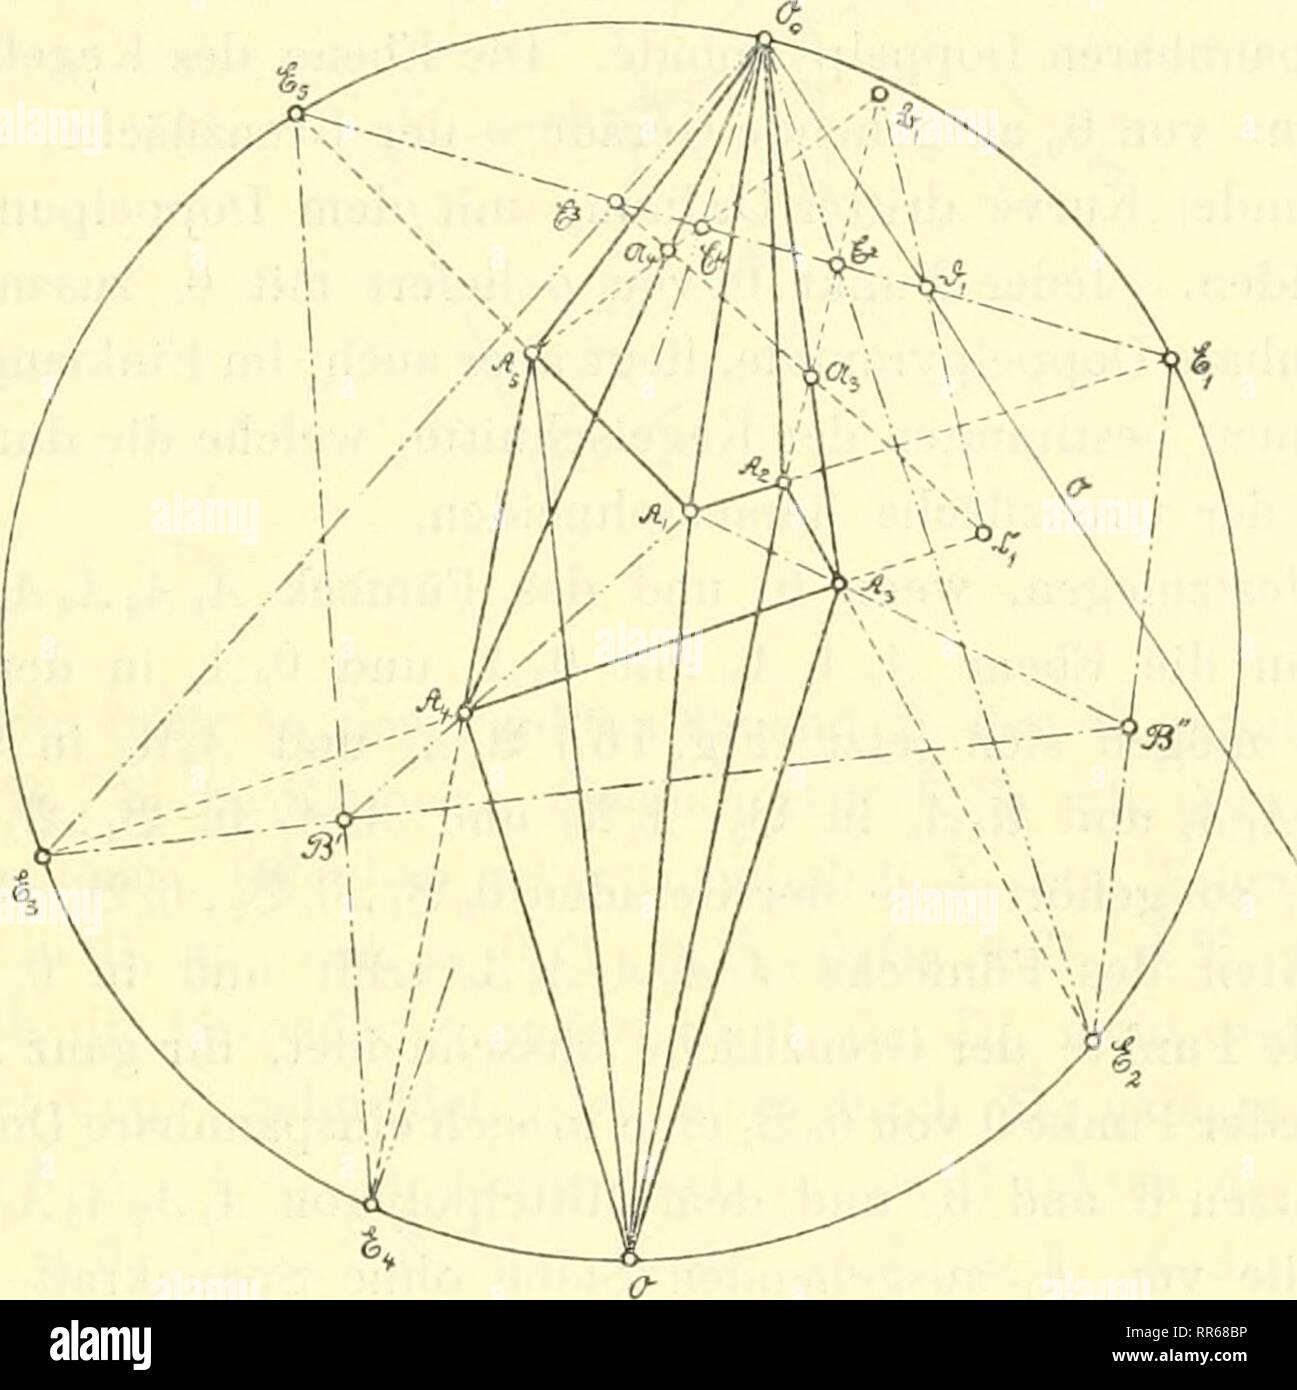 . Abhandlungen der Königlich Preussischen Akademie der Wissenschaften. Science. Über Grenzfachwerke in der Ebene und im Räumt. 83 Ist AiA^A^Ai ein ebenes Viereck, so fallen B, und B- in den Schnitt- punkt von ,1  .U und A3Ai, B3 und jB( in den von .!? ,. 1:; und .l,.l  hinein. Man kann folgern: XIX. Eine vierseitige Doppelpyramide mit ebenem Mittelviereck AiA^AsAA ist, dann in sich einspannbar, wenn eine der beiden Spitzen in die Ebene des Vierecks gelangt oder beide in einer Ebene mit den Punkten liegen, in deren jedem zwei gegenüberliegende Seiten des Vierecks sieh schneiden. 59. Für fünfsei Stock Photo